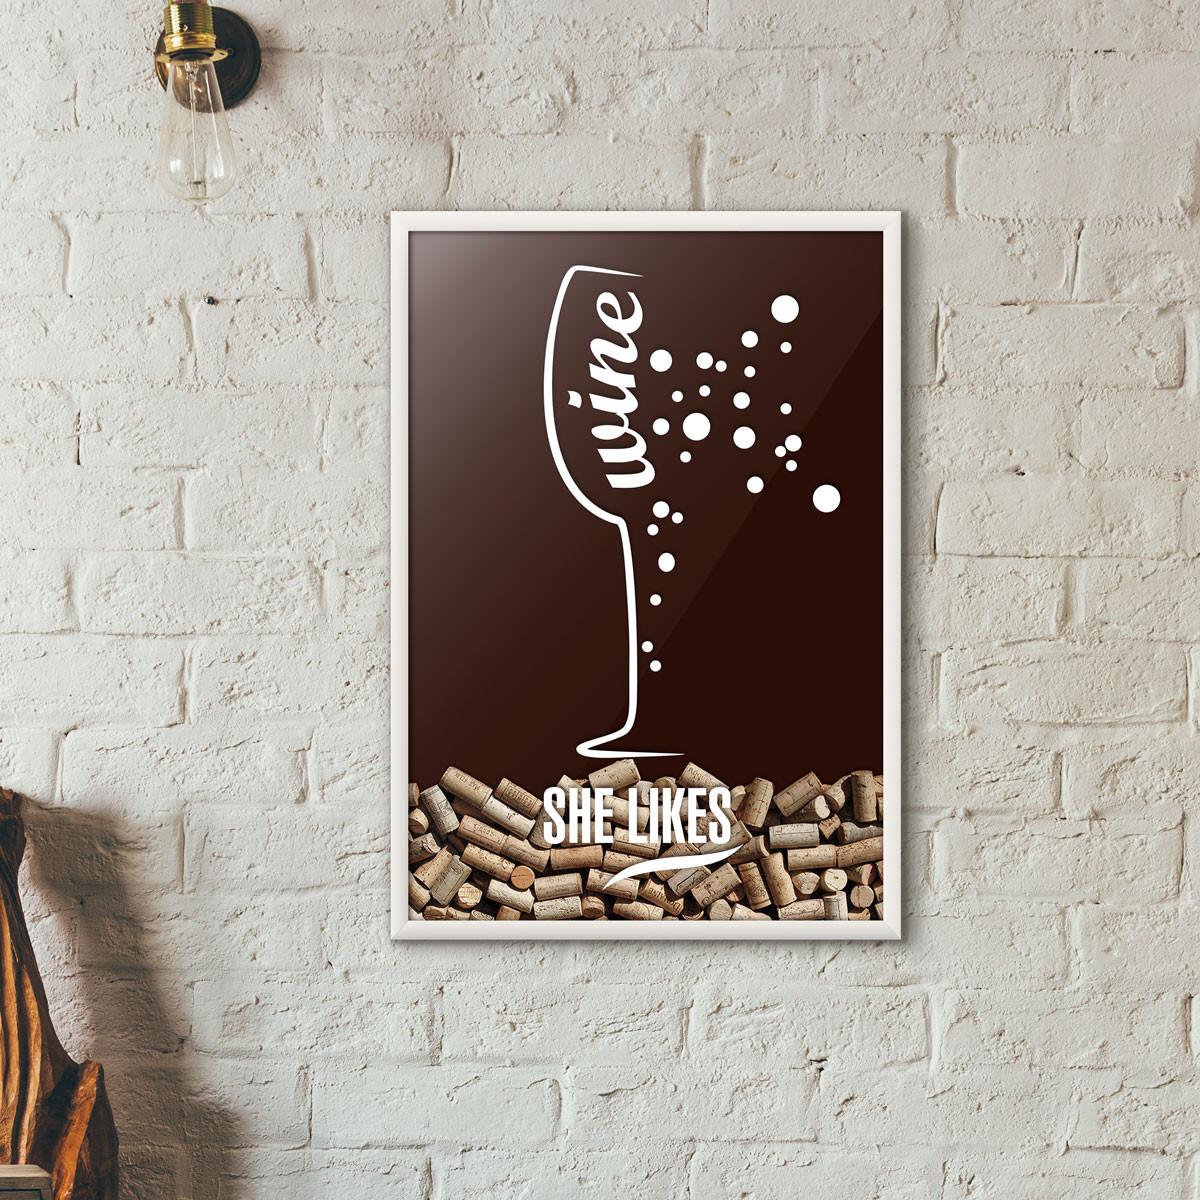 Quadro Porta Rolhas de Vinho - She Likes - Marrom